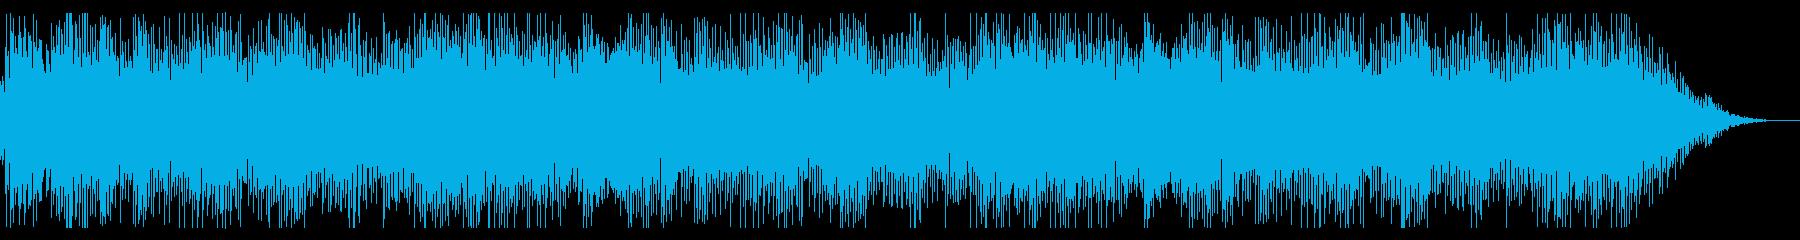 クリスタル 幻想的なファンタジー の再生済みの波形